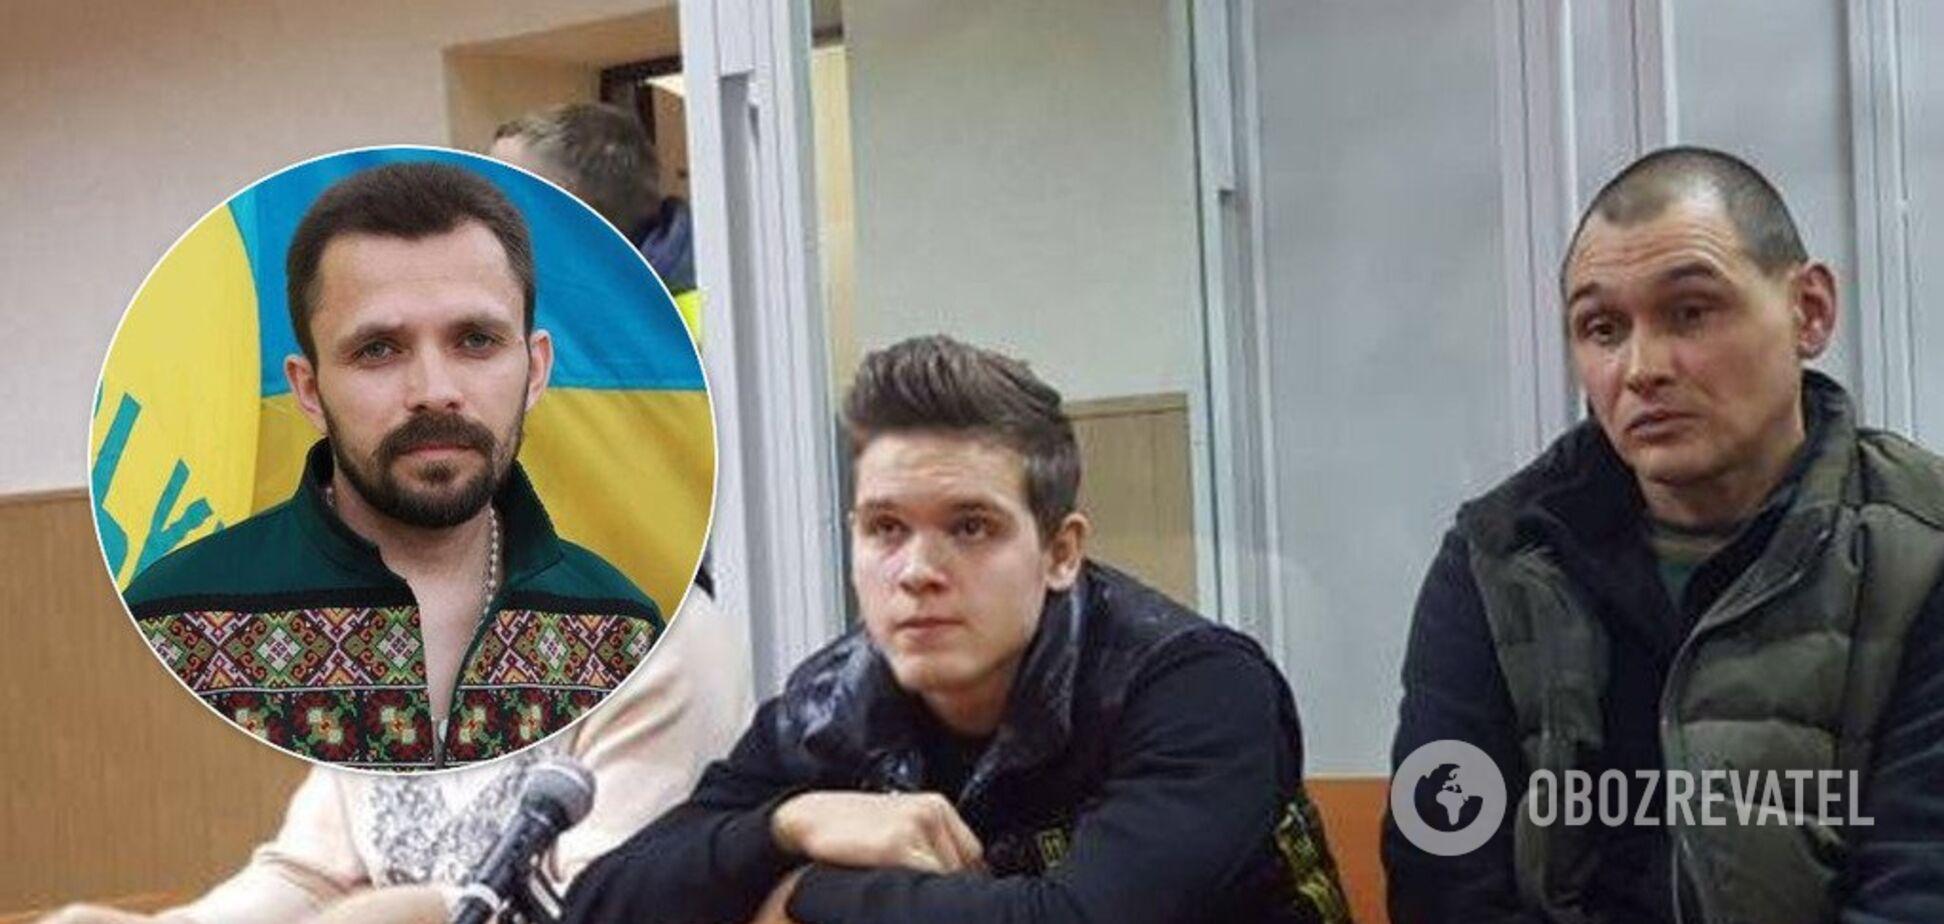 'Я патріот, а він говорив російською!' Нападник на Мірошниченка зробив цинічну заяву